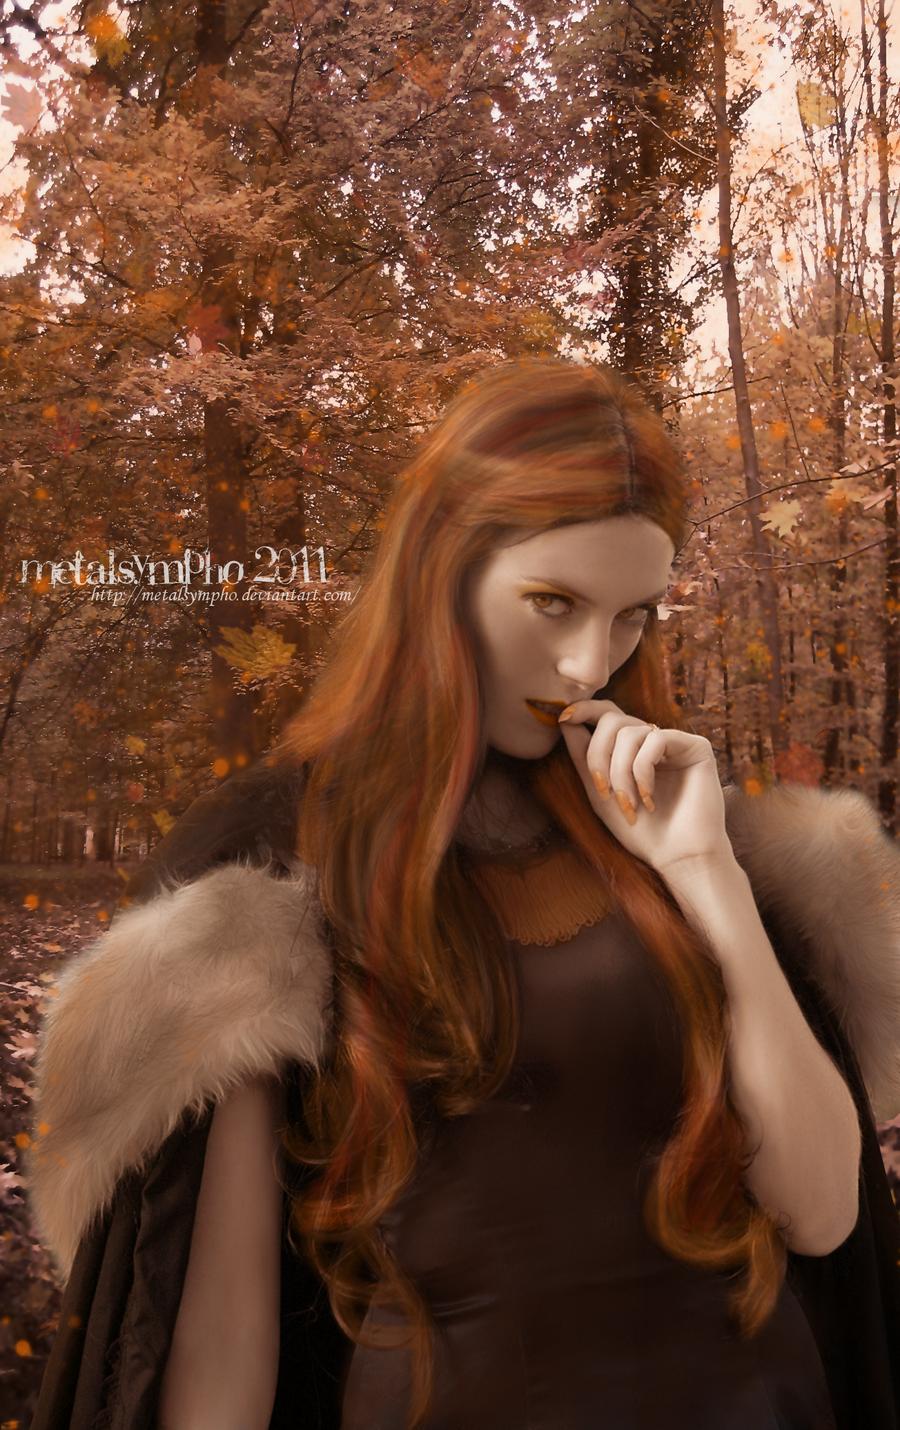 Moje favorit slike - fotografije - Page 4 Autumn_godesse_by_metalsympho-d4c9t8l